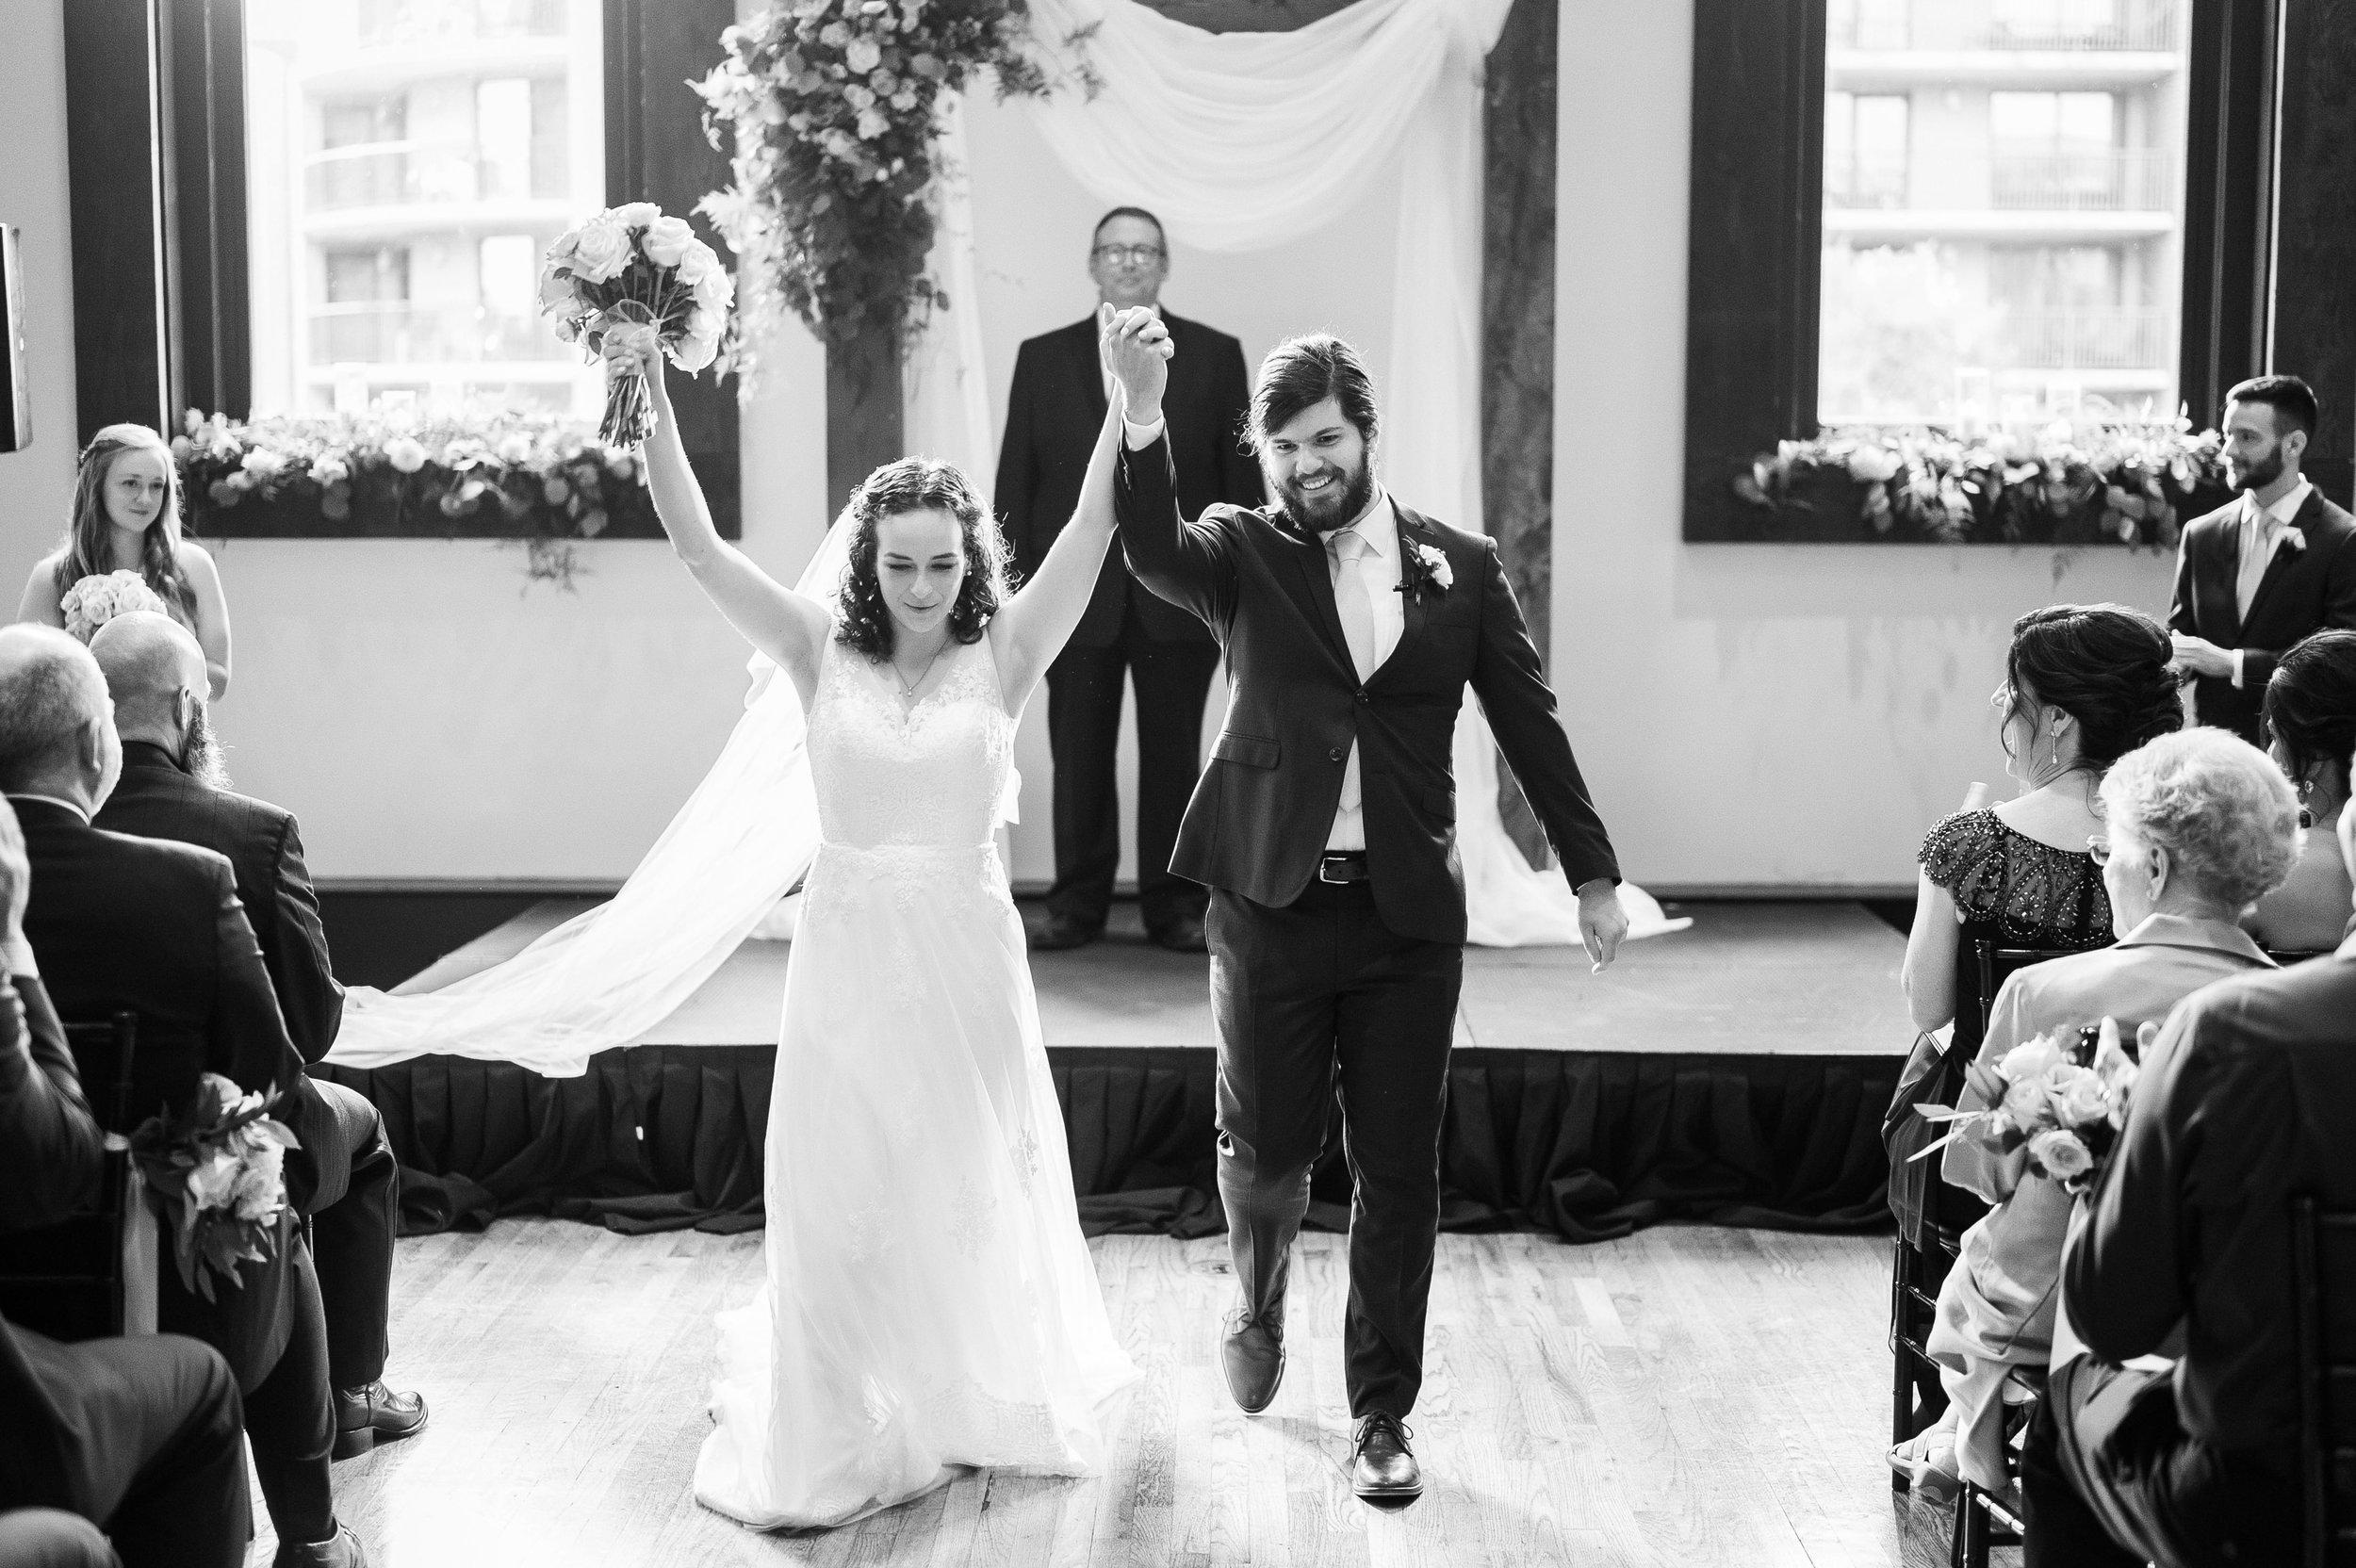 Bell Tower Nashville Wedding - Jessie + Frankie - Details Nashville Photography